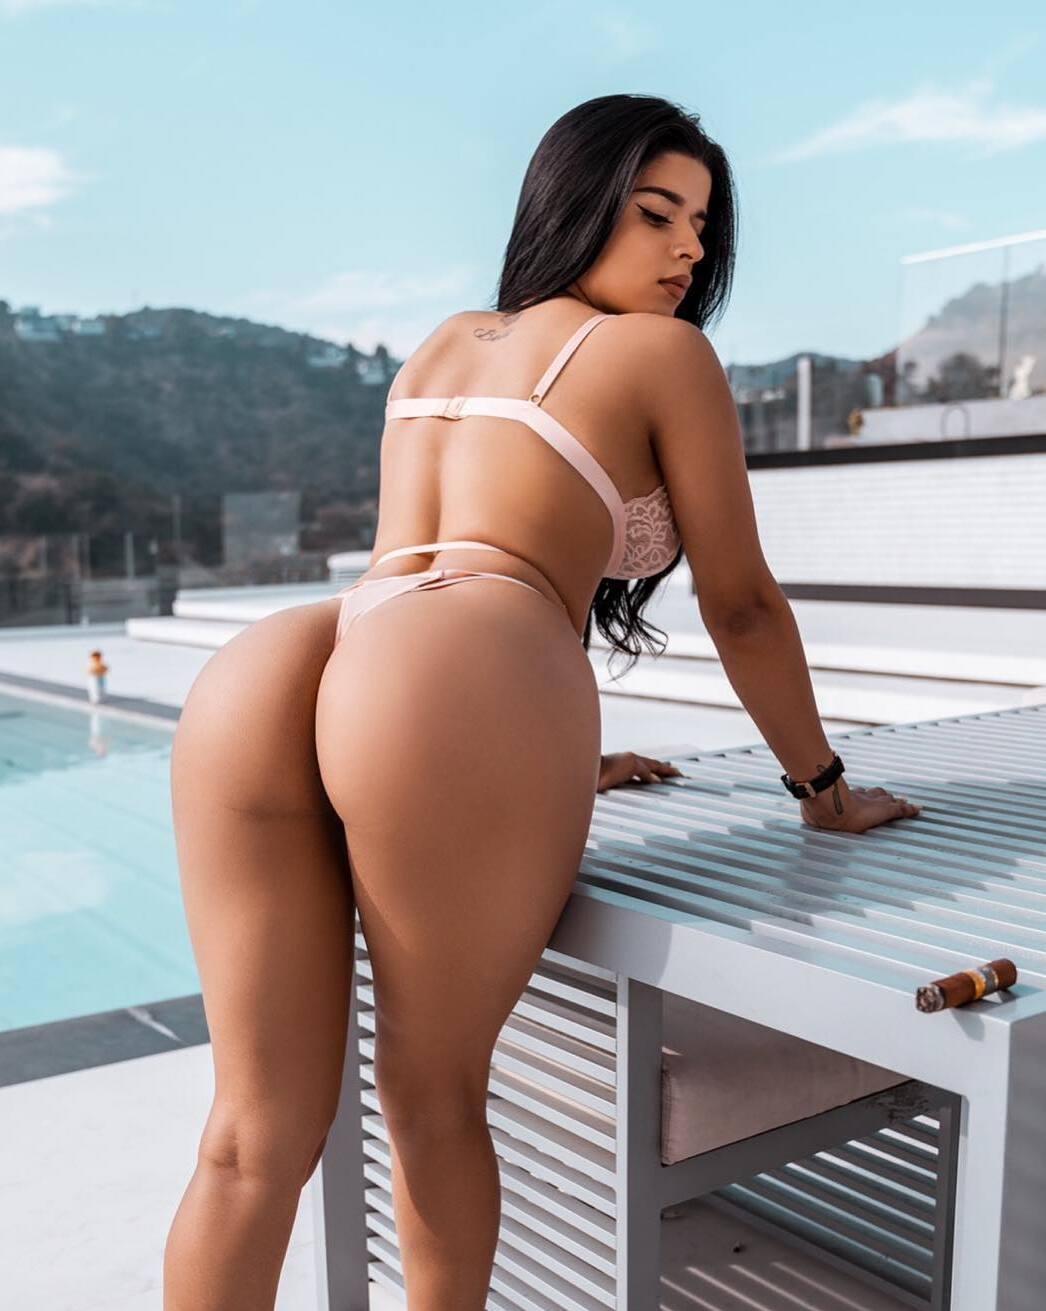 Juanita Belle Perfect Big Ass In Bikini - Tyga Fucking Juanita Belle OnlyFans Leaked Porn Video